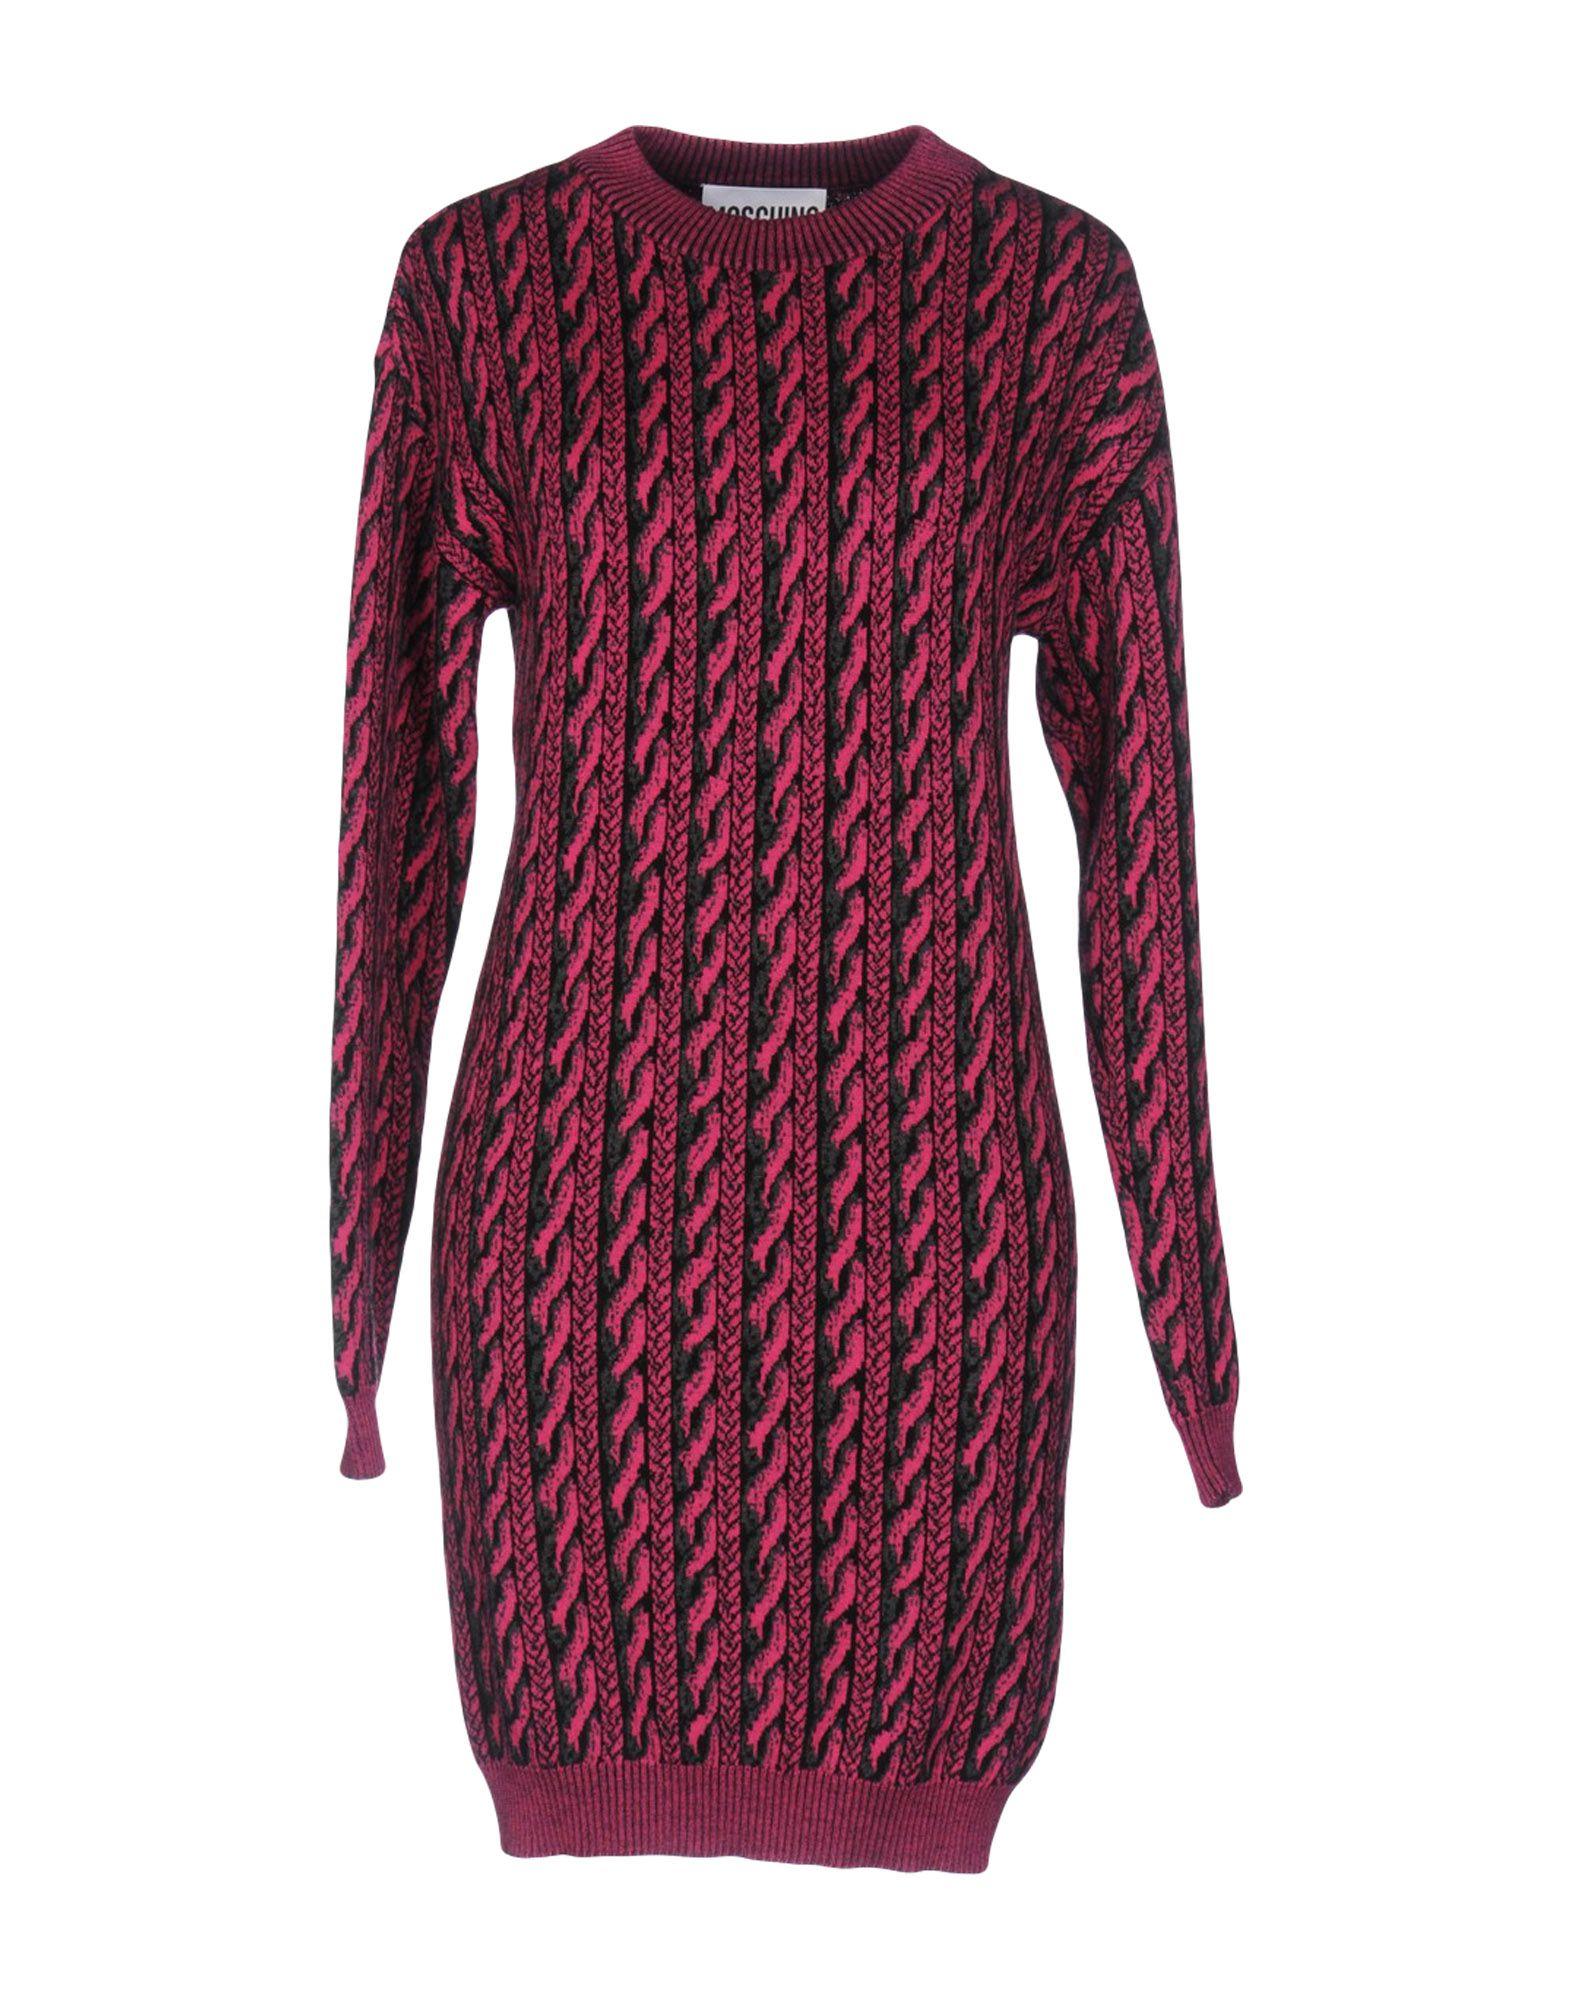 MOSCHINO COUTURE Damen Kurzes Kleid Farbe Fuchsia Größe 7